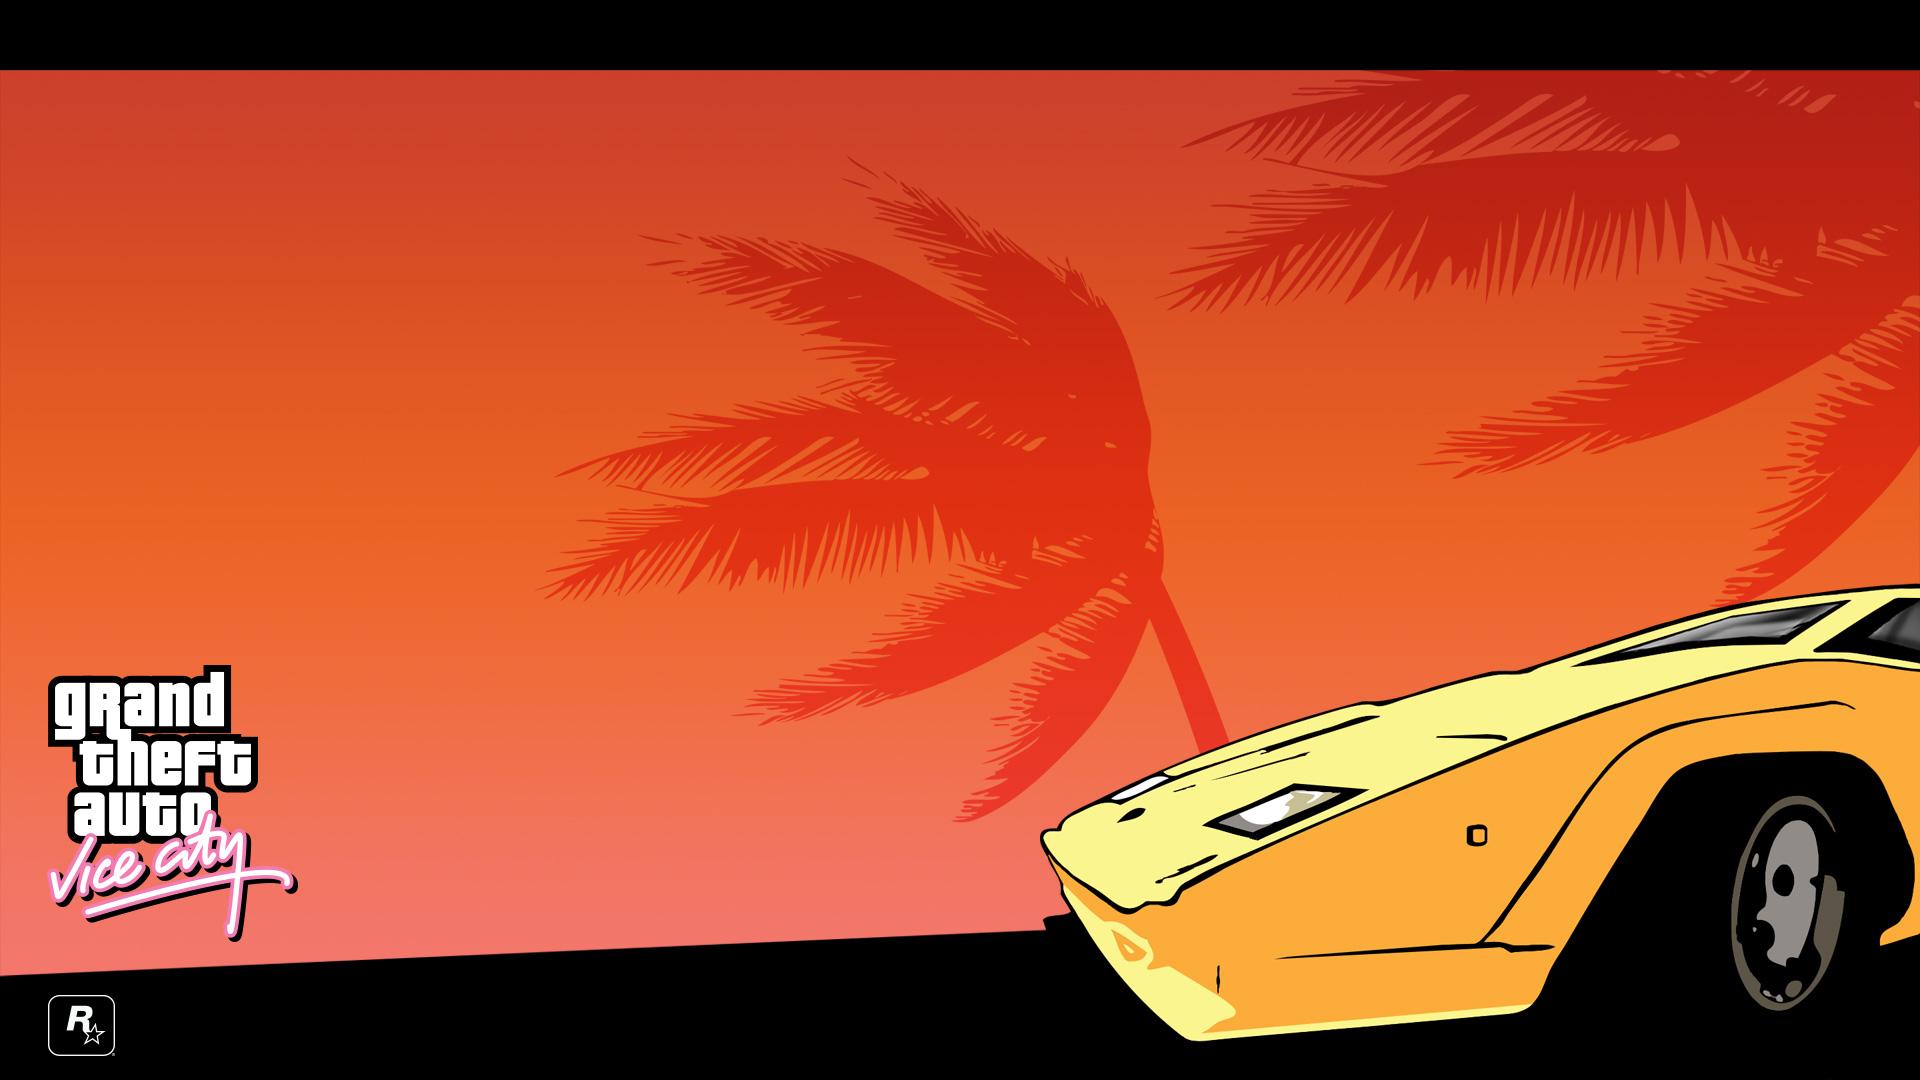 Wallpapers, fond d'ecran pour Grand Theft Auto : Vice City ...